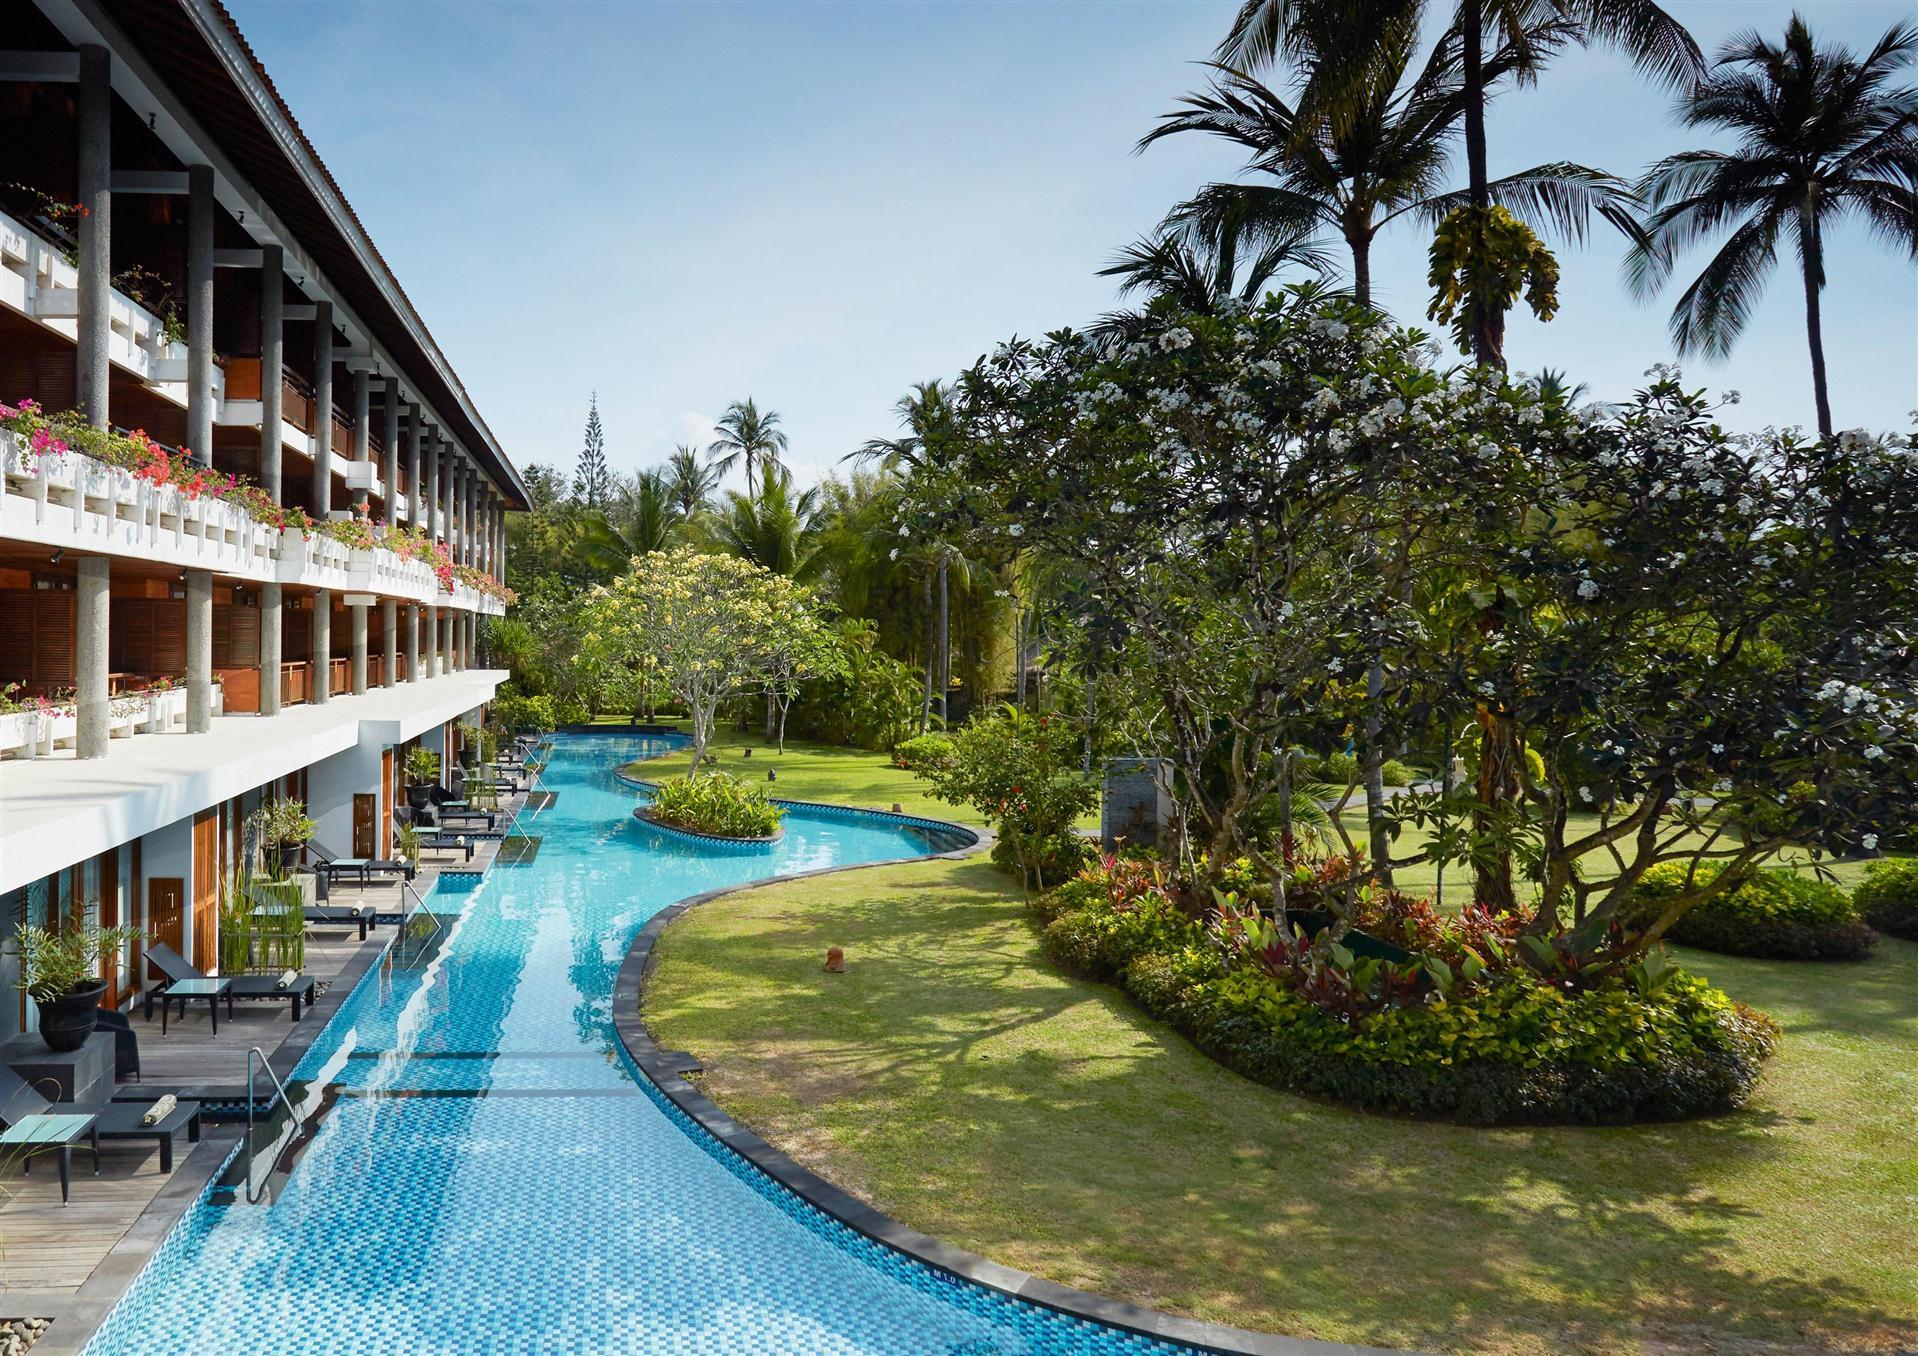 Meetings & Events at Melia Bali Bali ID